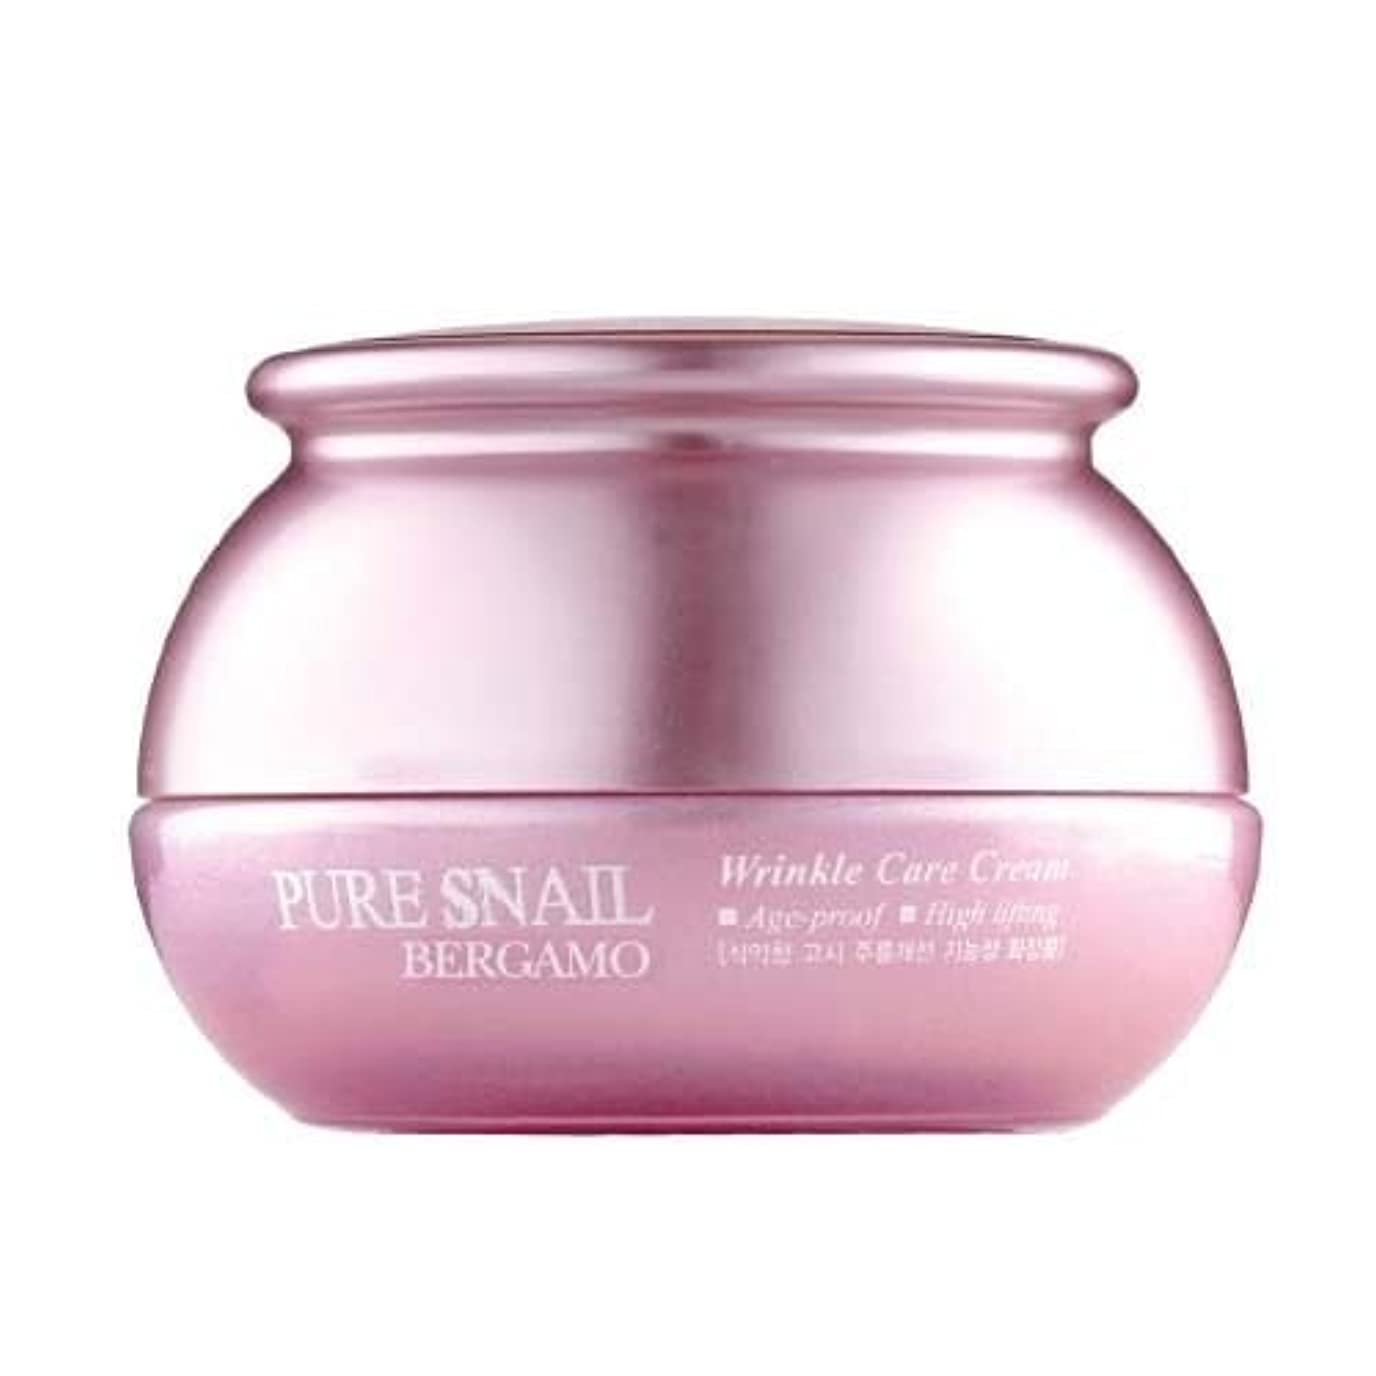 爪宙返り大量ベルガモ[韓国コスメBergamo]Pure Snail Wrinkle Care Cream カタツムリリンクルケアクリーム50ml しわ管理 [並行輸入品]